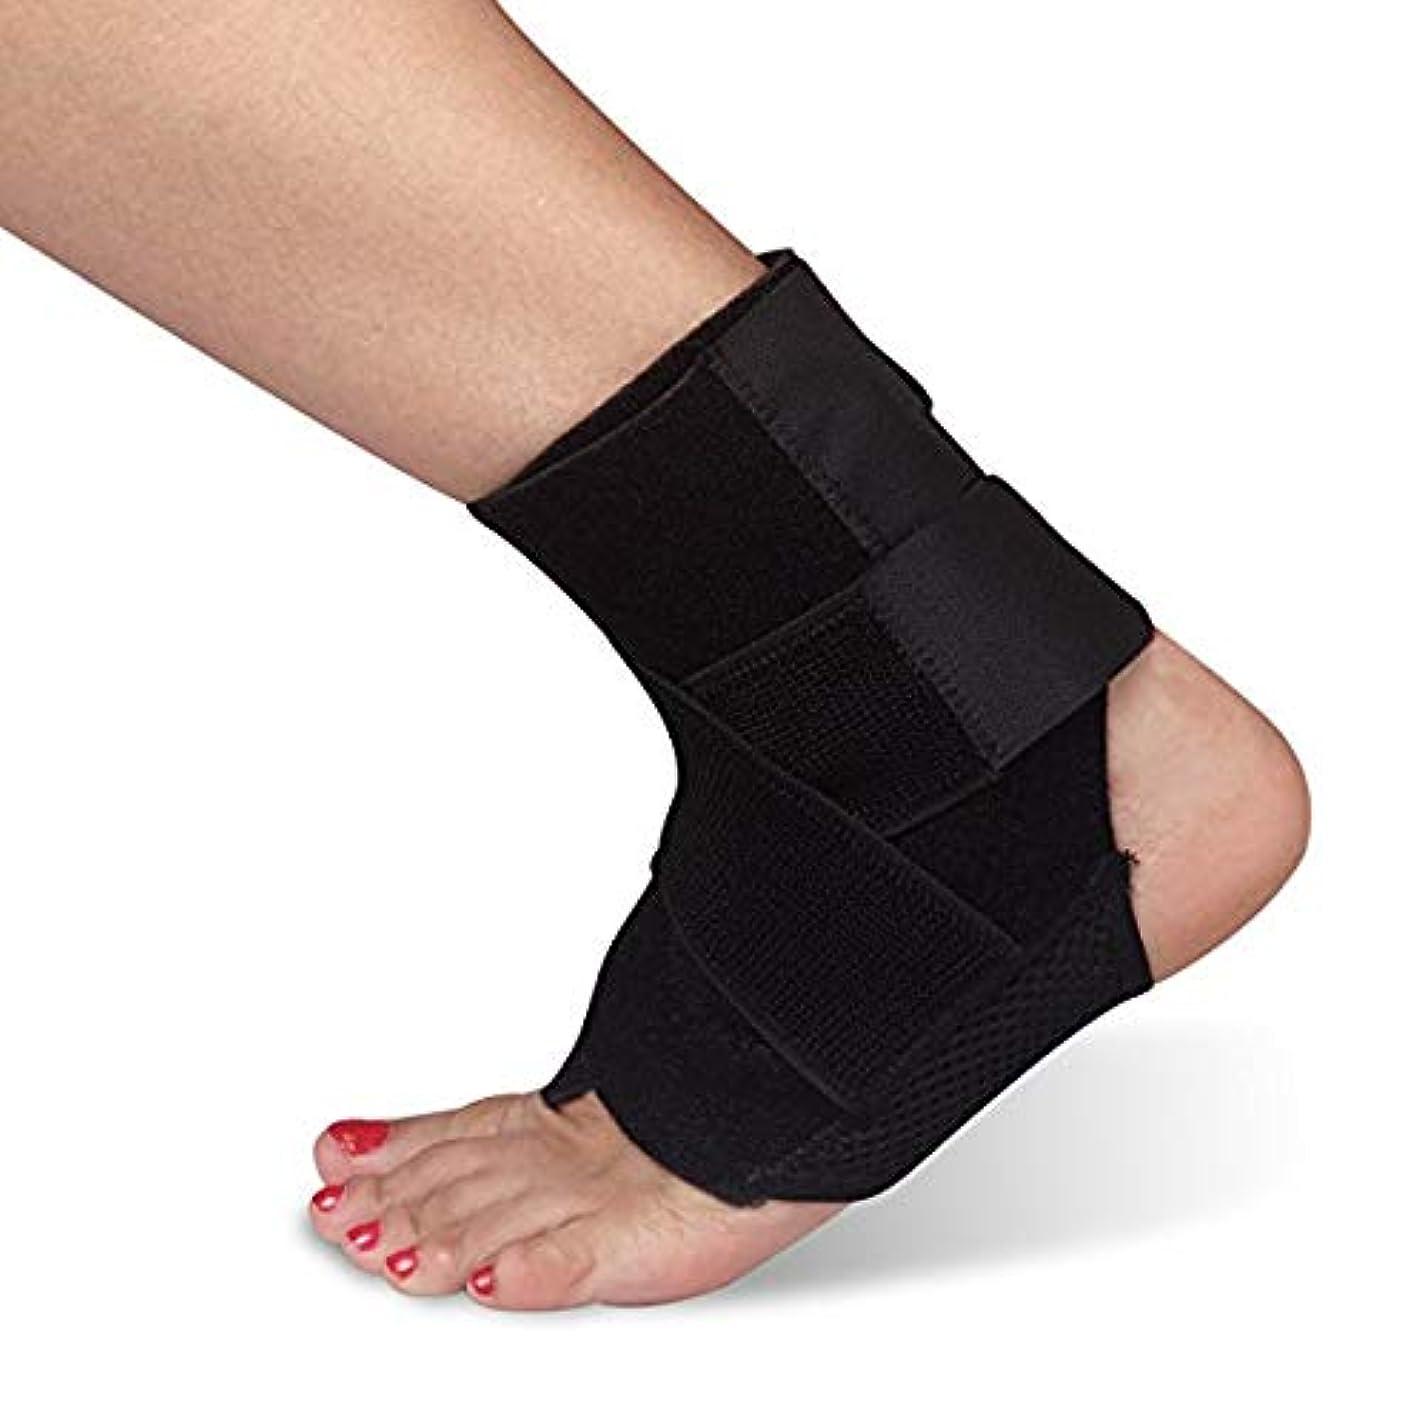 知覚する居眠りするジャニスプロ?フィッツ 薄型圧迫 サポーター 足首用 Lサイズ 足首周囲 21~24cm (Pro-fits,compression athletic suppor,ankles,L)